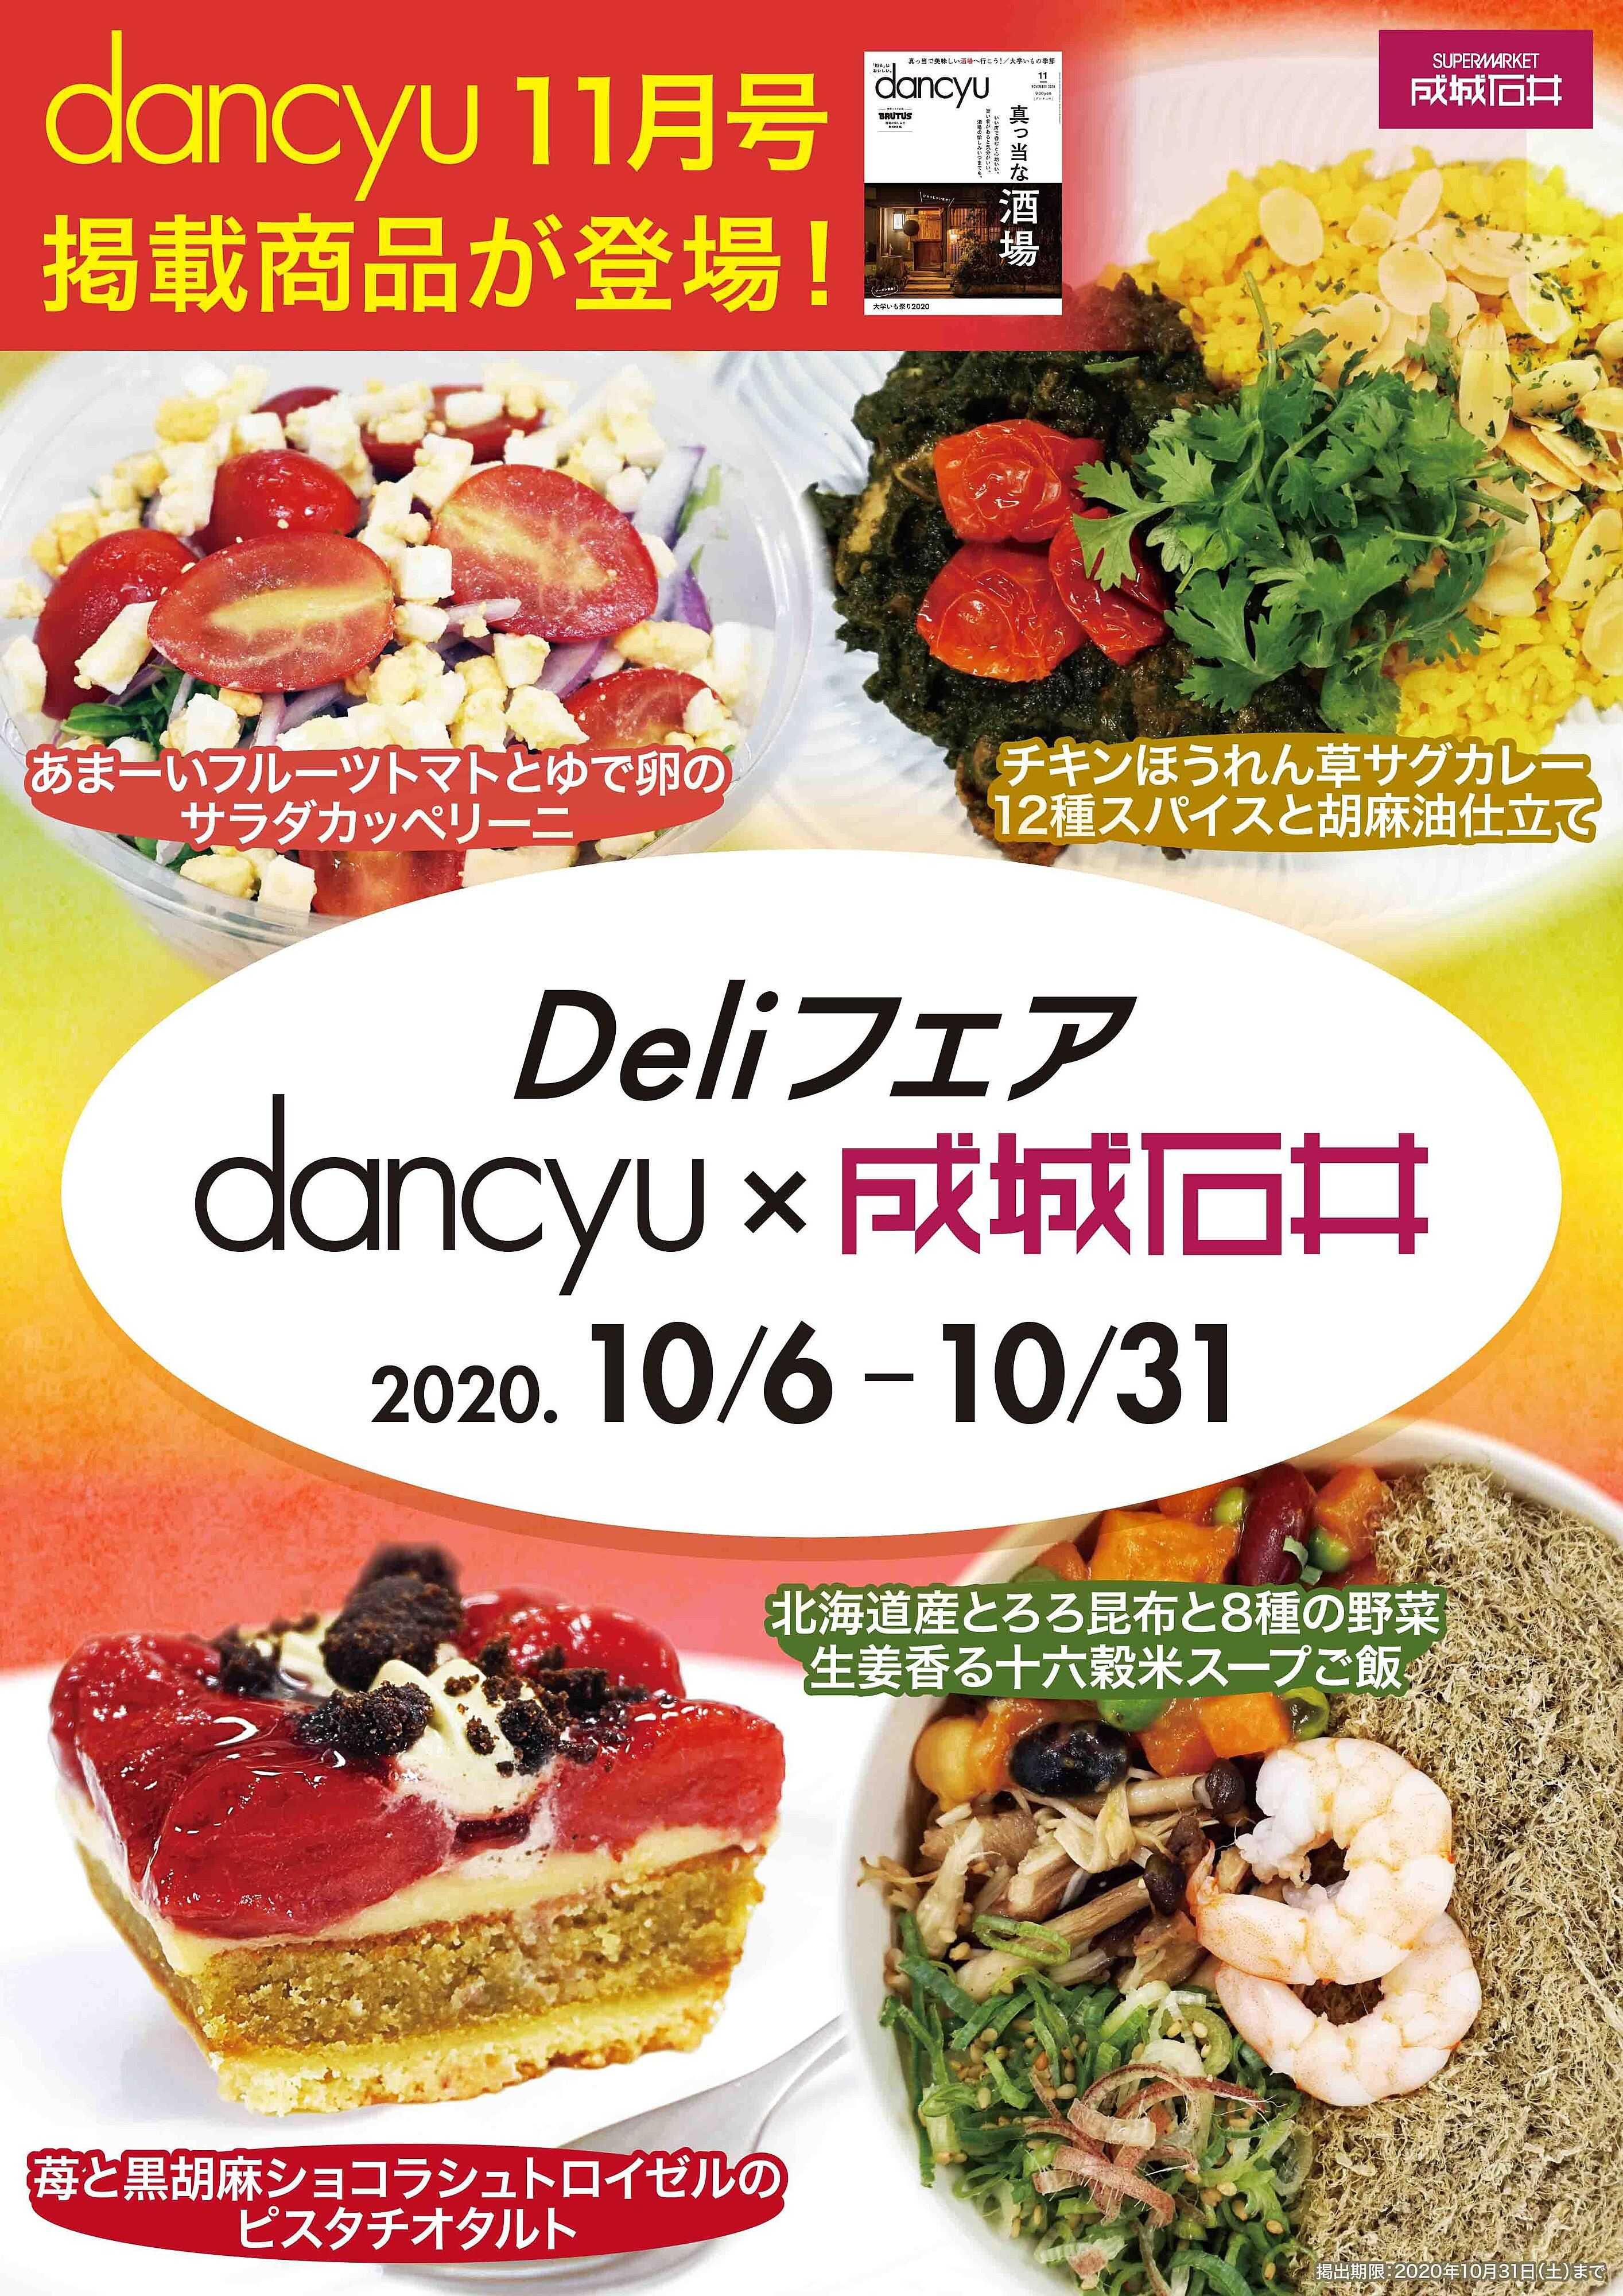 成城石井 <dancyu×成城石井 Deliフェア>開催!